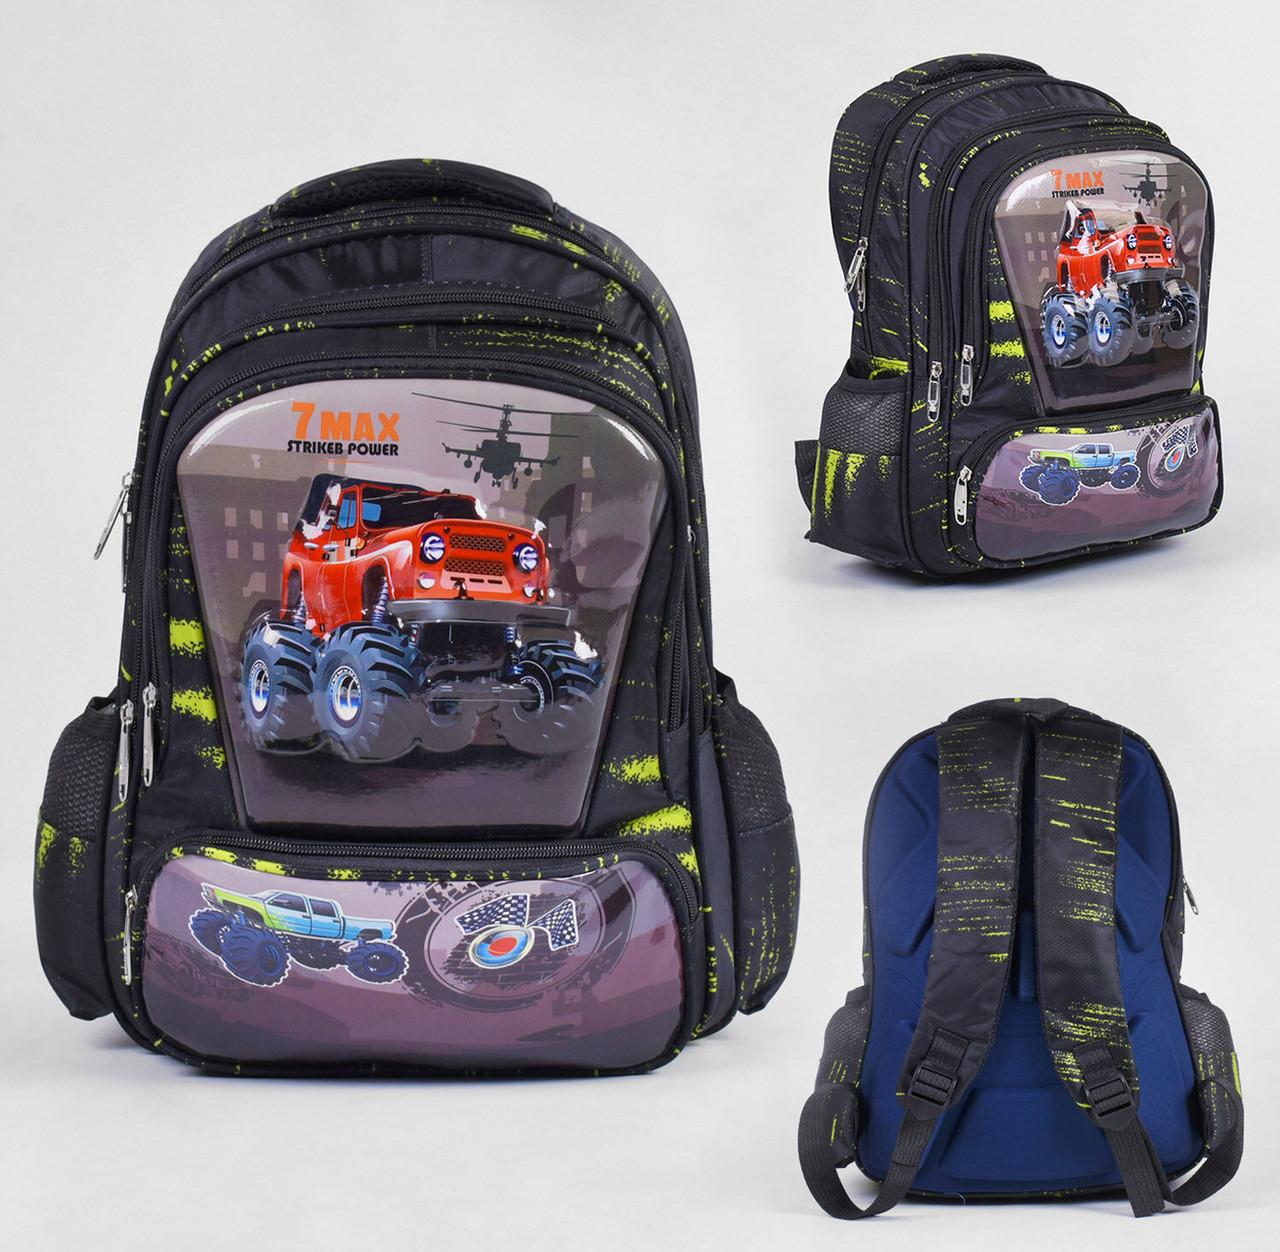 Рюкзак школьный 3D принт, 1 отделение, 2 кармана, ортопедическая спинка